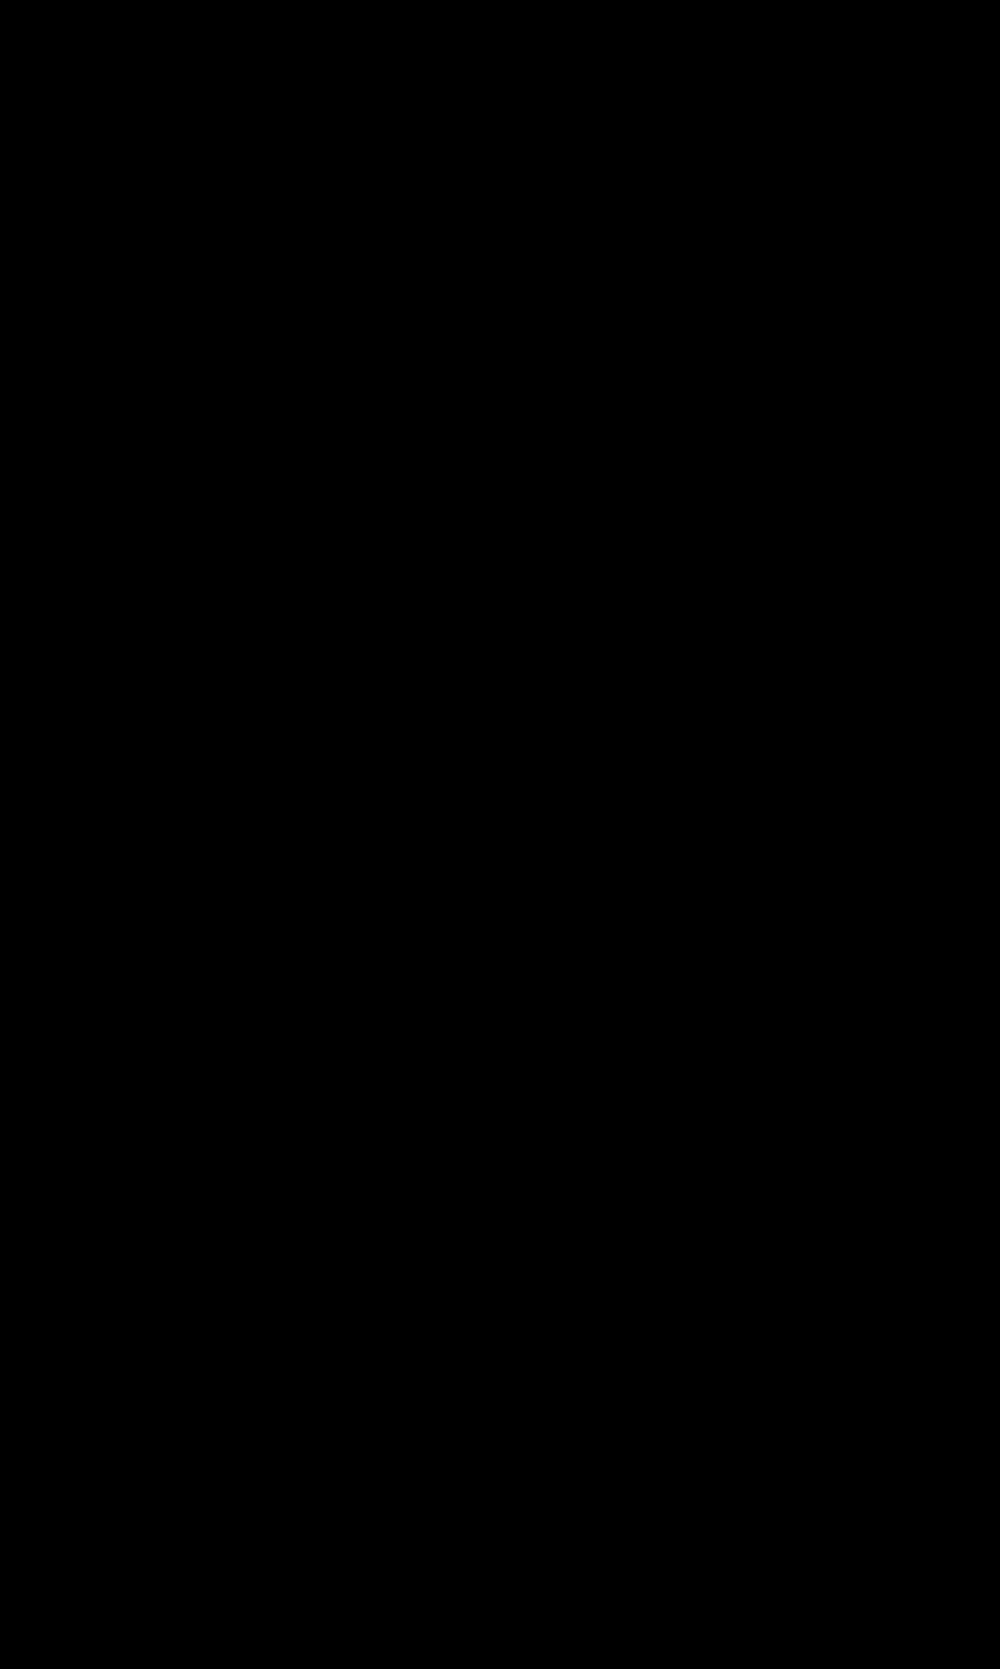 bus-logo-black.png